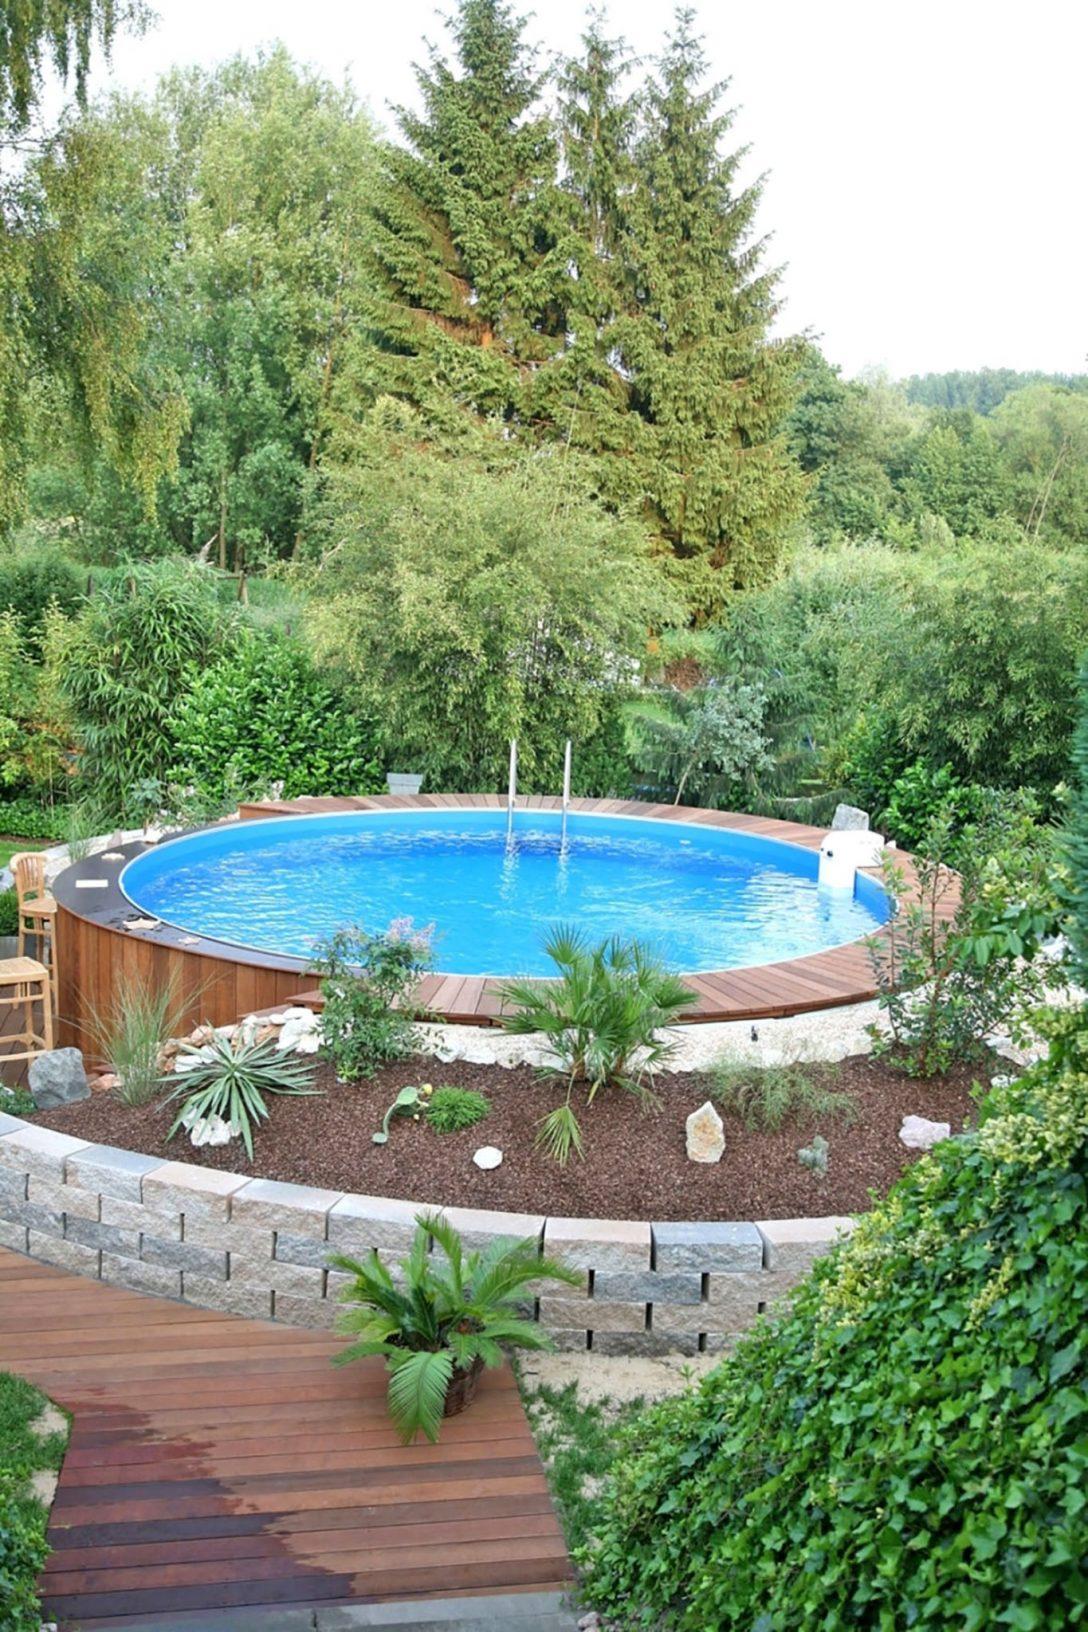 Large Size of Schwimmingpool Für Den Garten Kleiner Pool Groes Vergngen Bretten Loungemöbel Günstig Wellnesshotels Baden Württemberg Trennwand Dusche Bodengleich Garten Schwimmingpool Für Den Garten